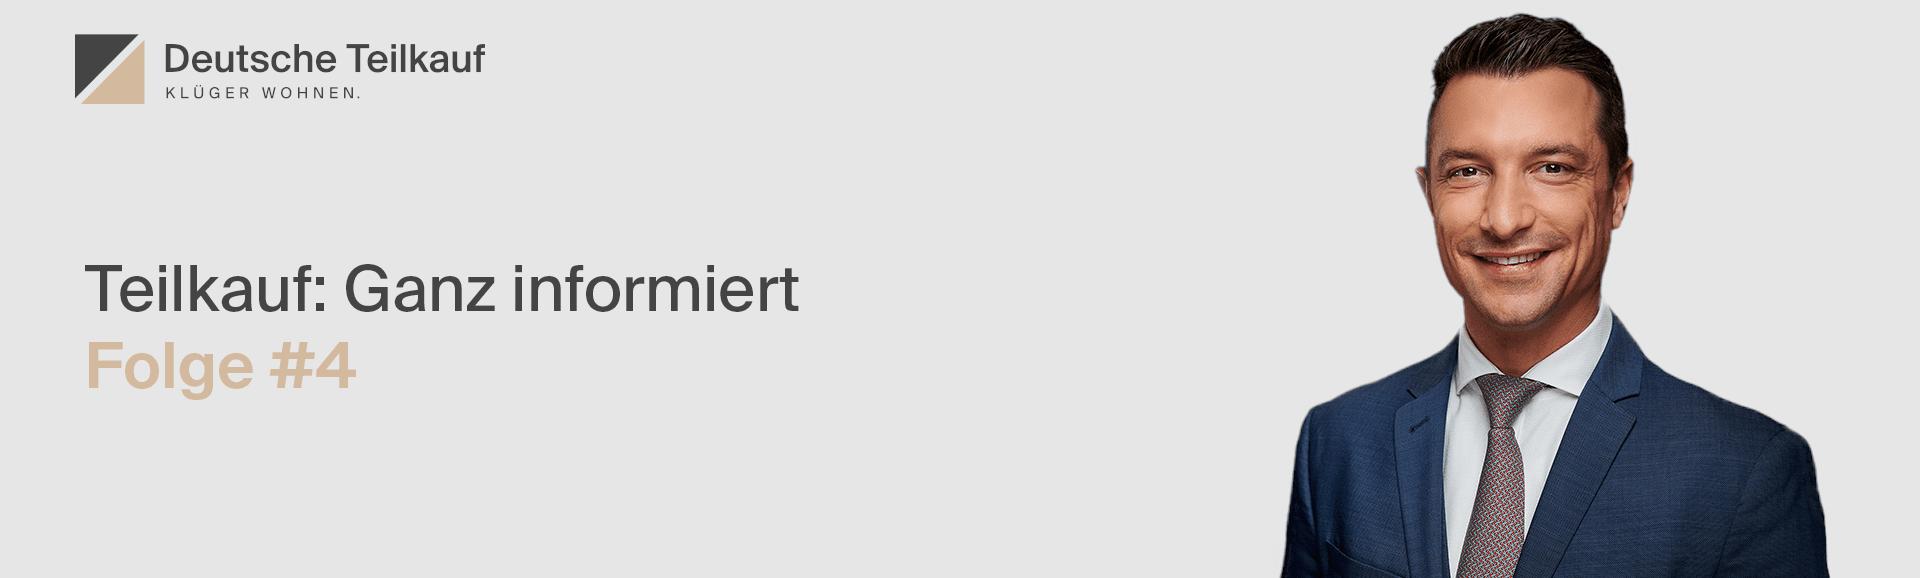 Deutsche Teilkauf: Ganz informiert - Vlog-Folge #4 - Marian Kirchhoff erklärt was sich hinter dem Begriff Nutzungsentgelt verbirgt